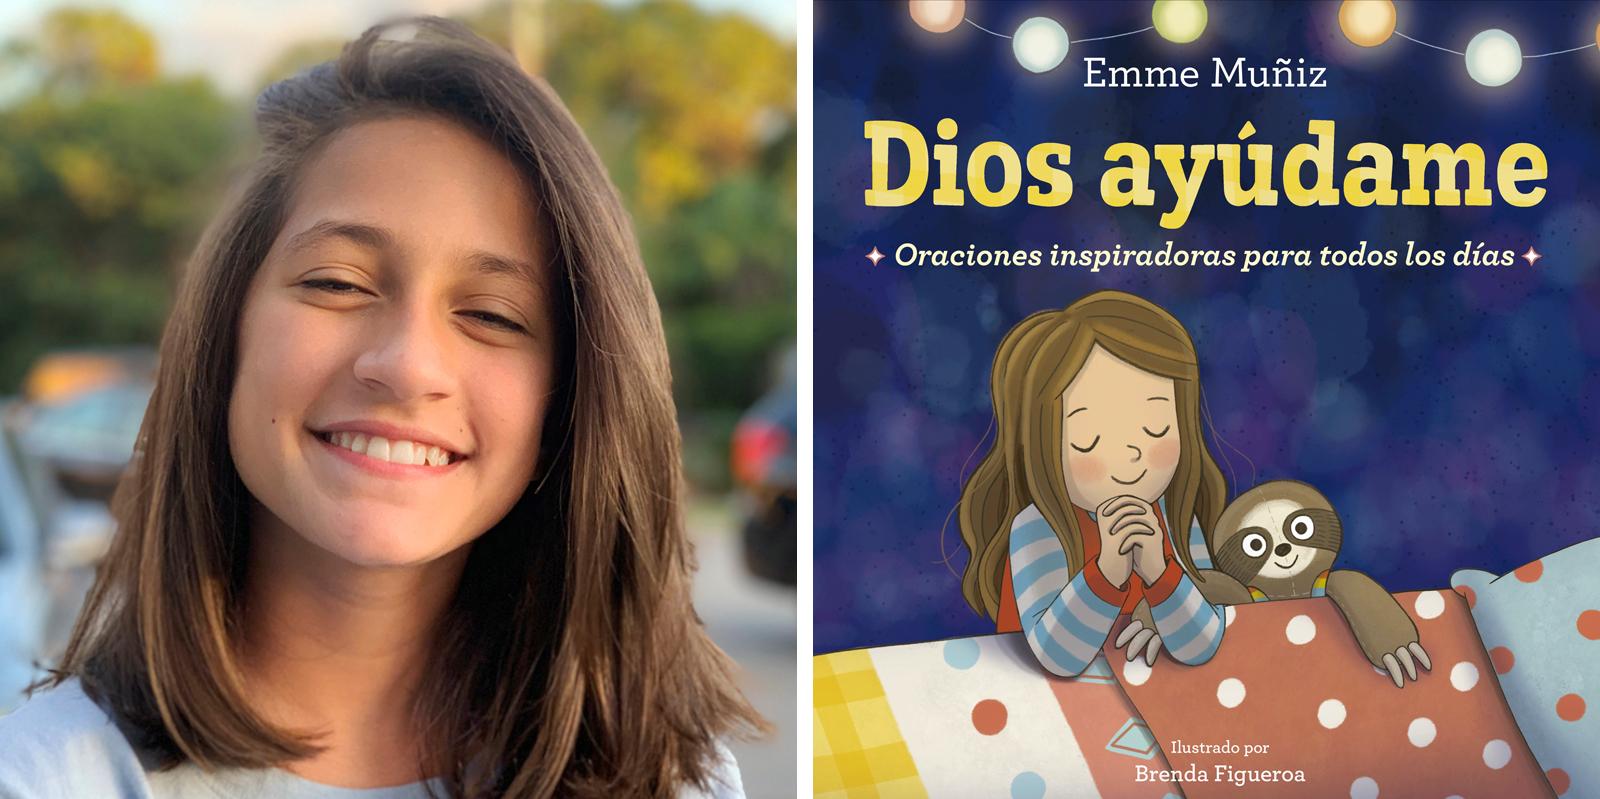 Emme Muñiz - Dios ayudame